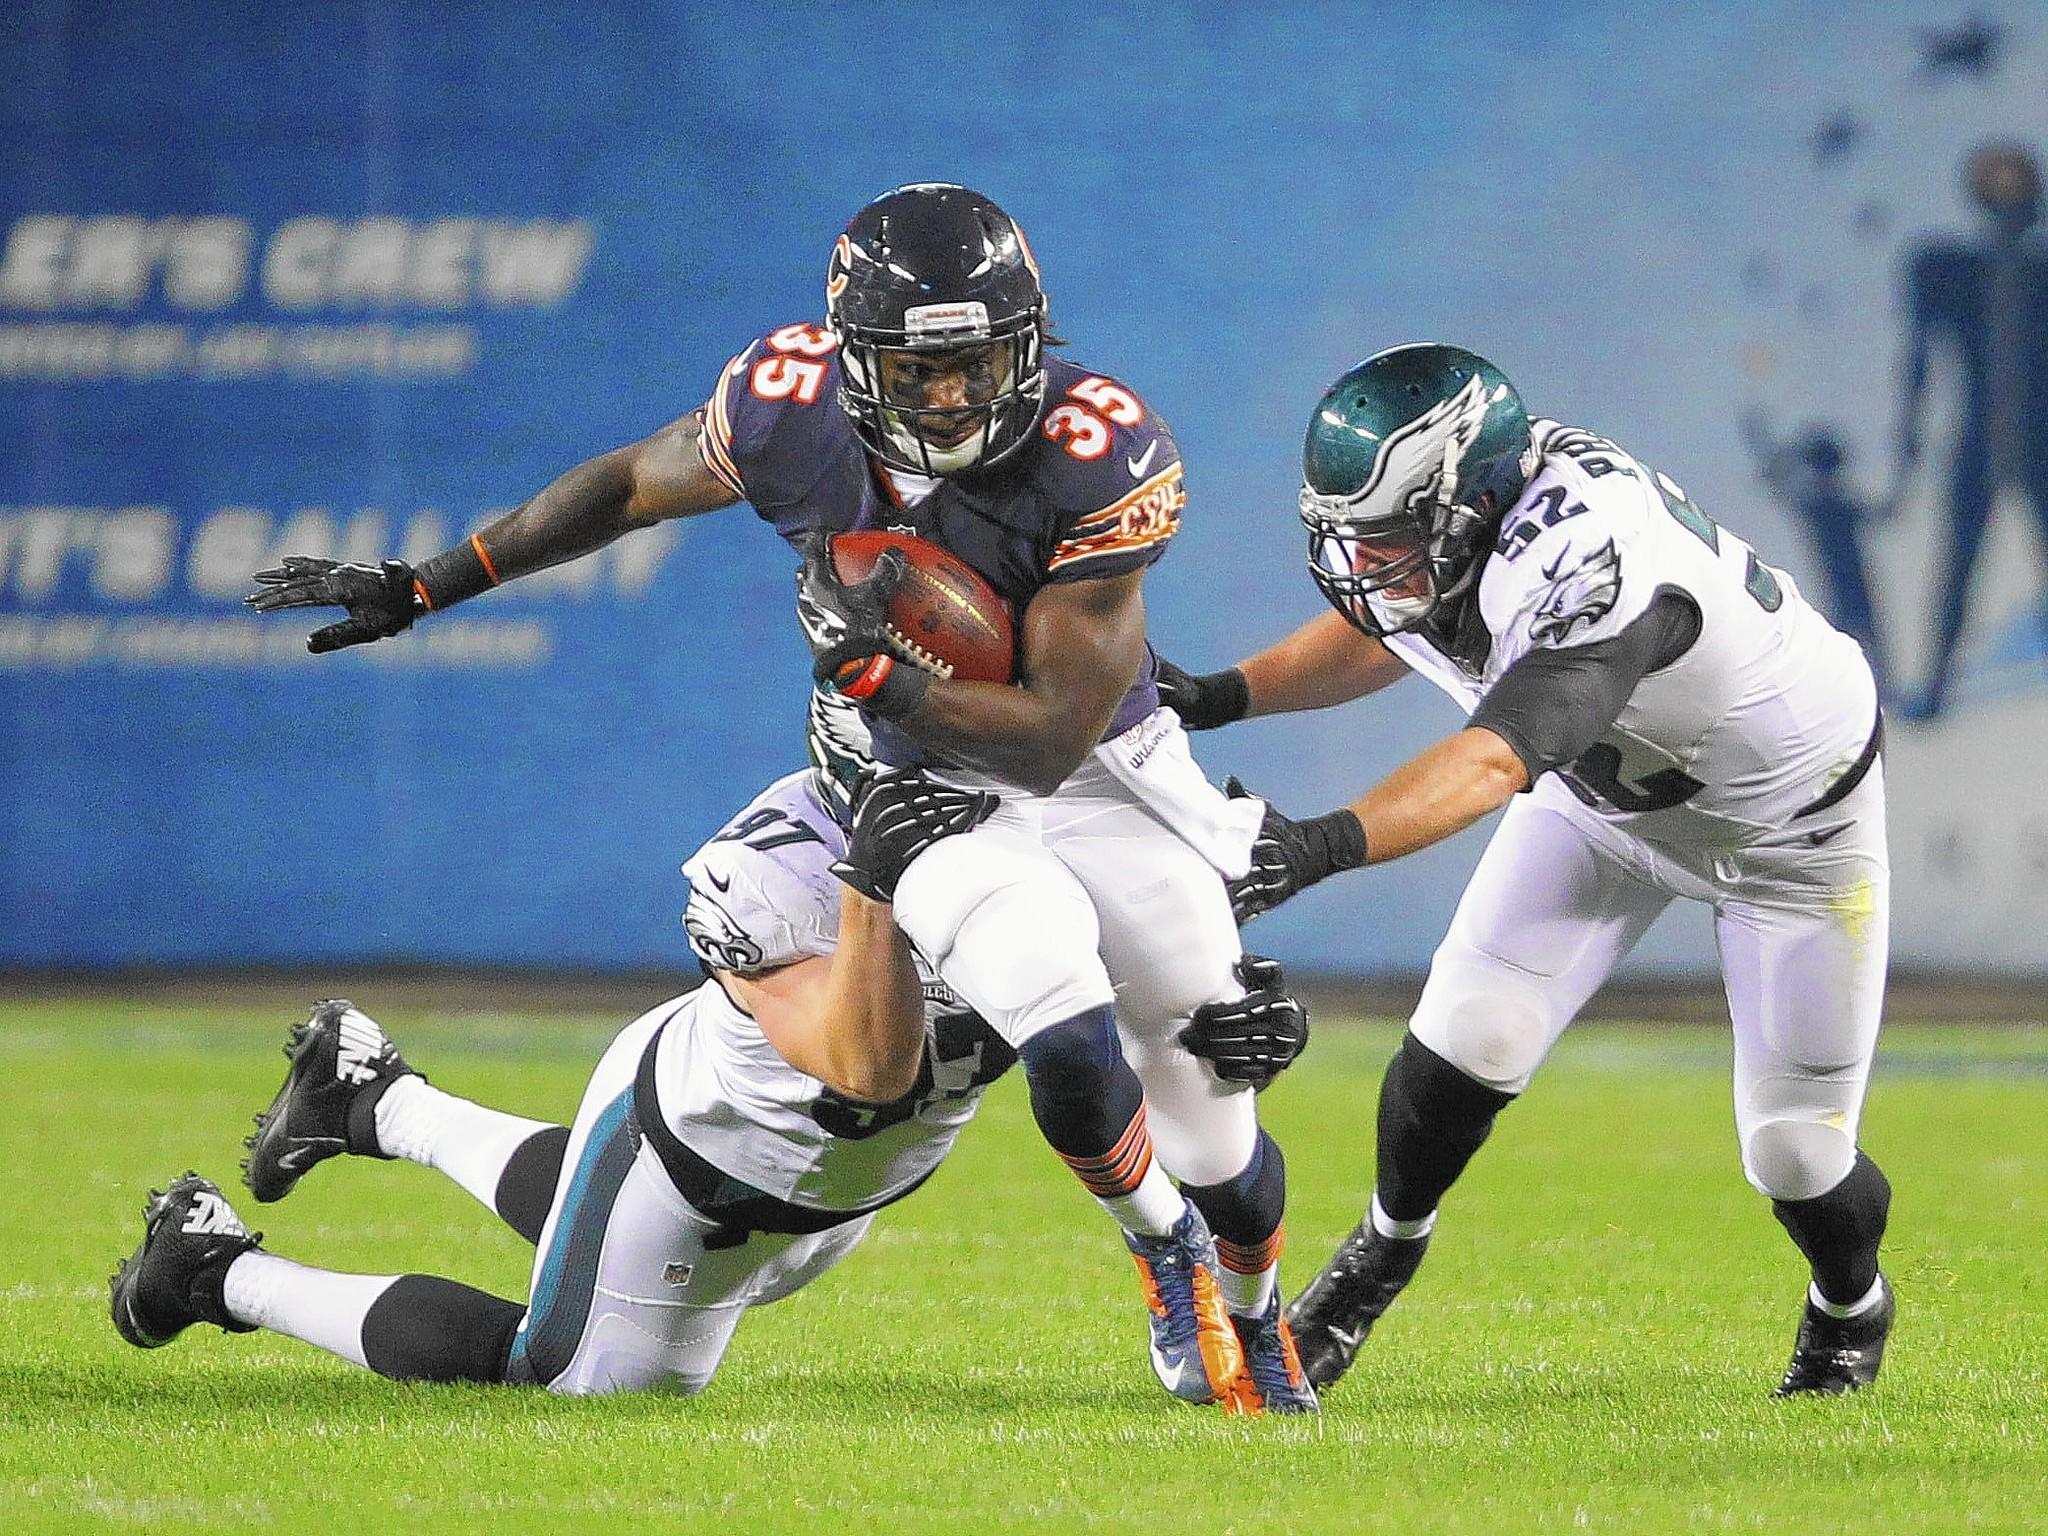 Chicago Bears running back Senorise Perry (35) picks up yardage against the Eagles defense.